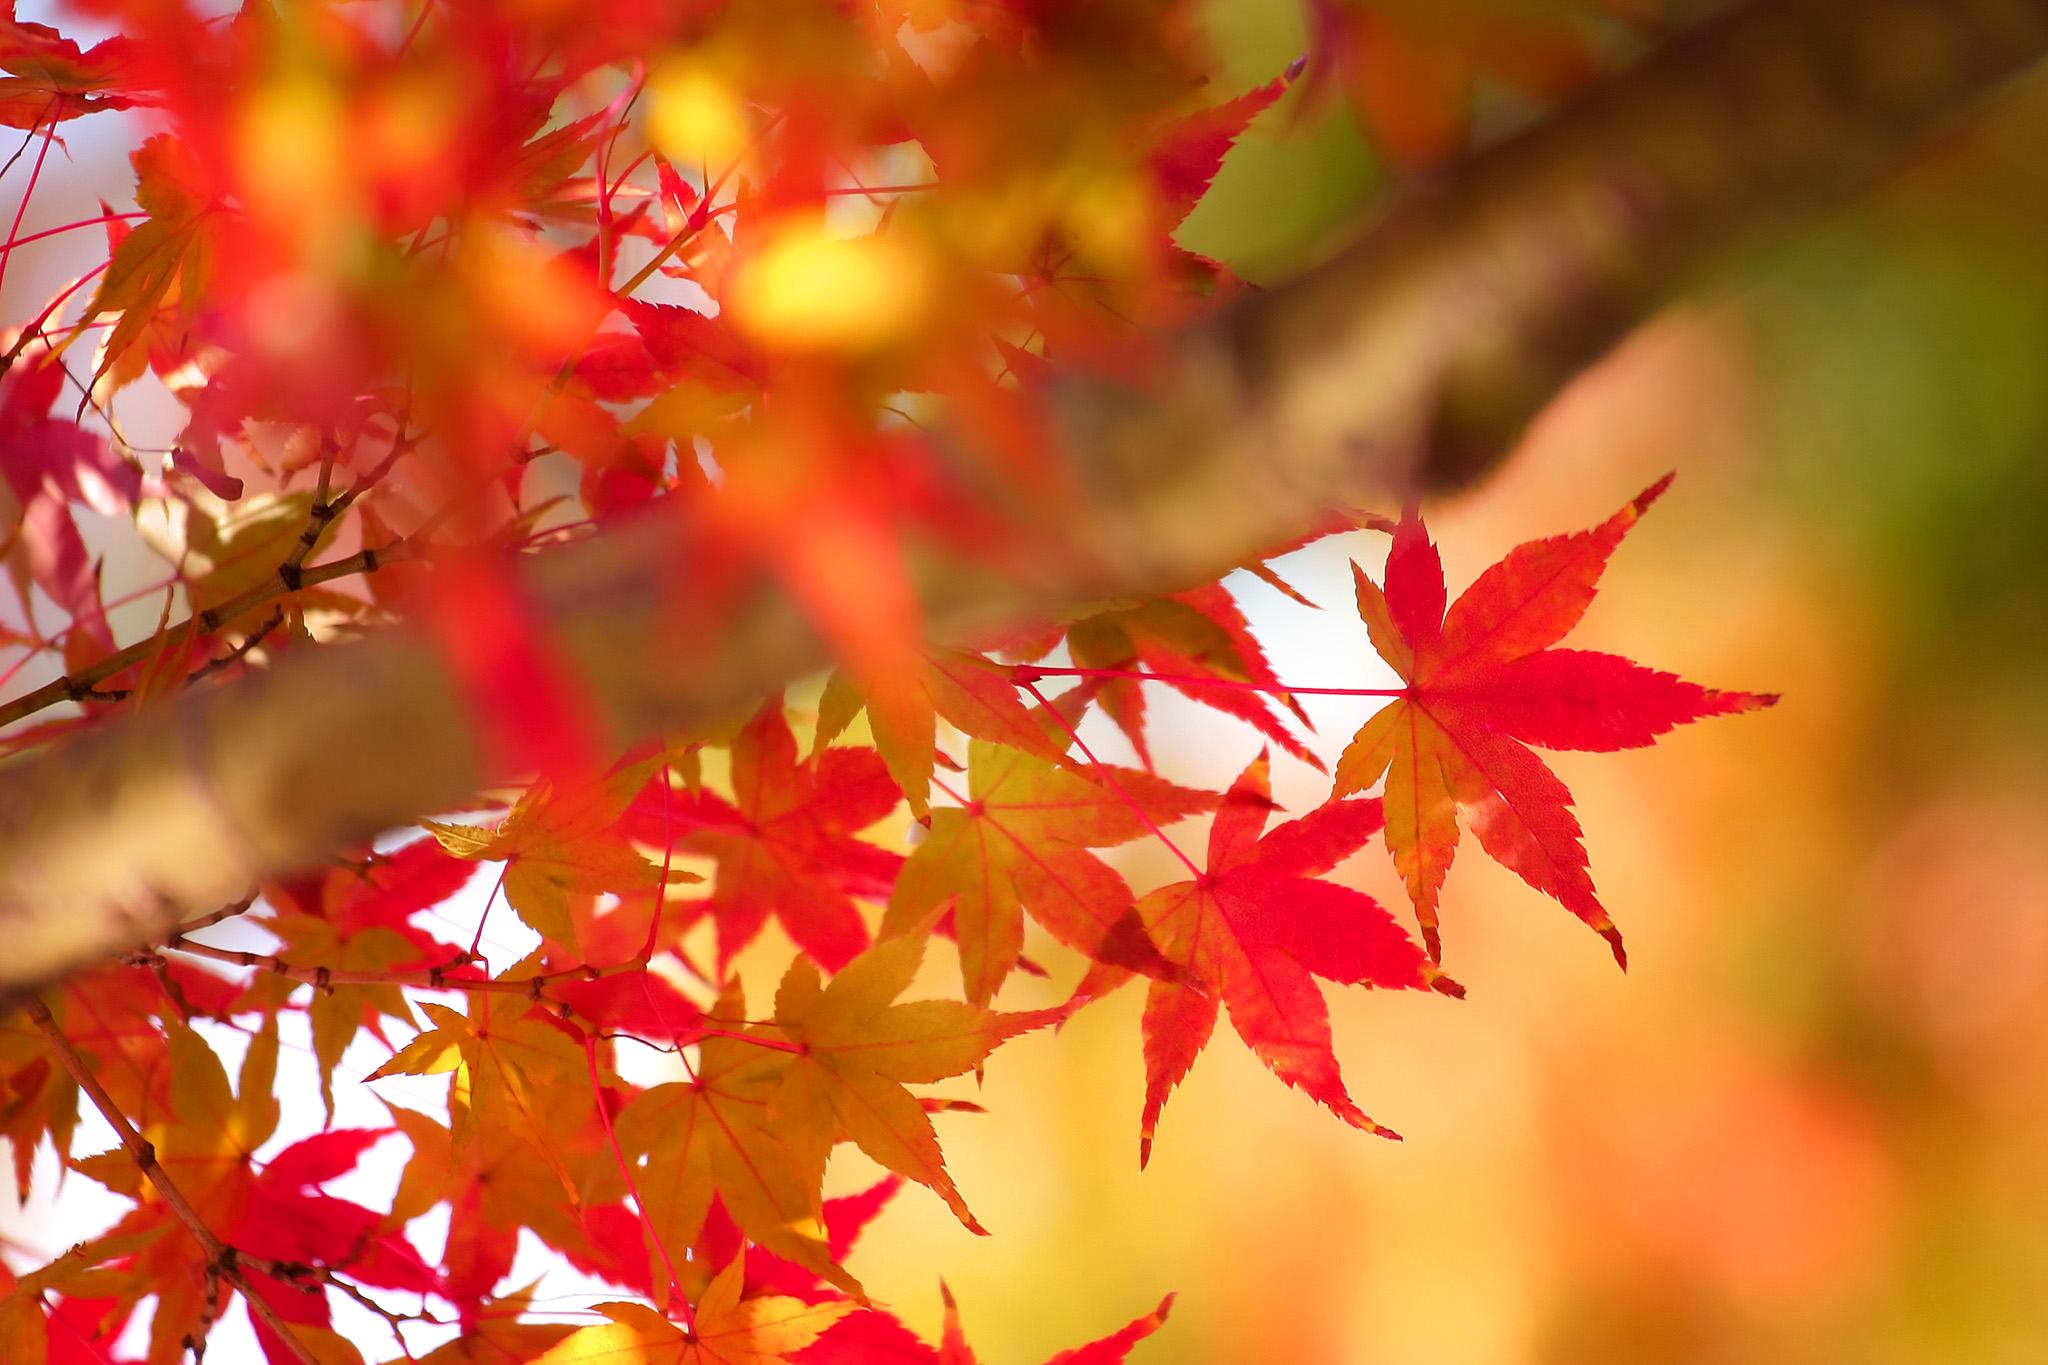 「色彩豊かな木々が織りなす秋の森」の写真素材を無料ダウンロード